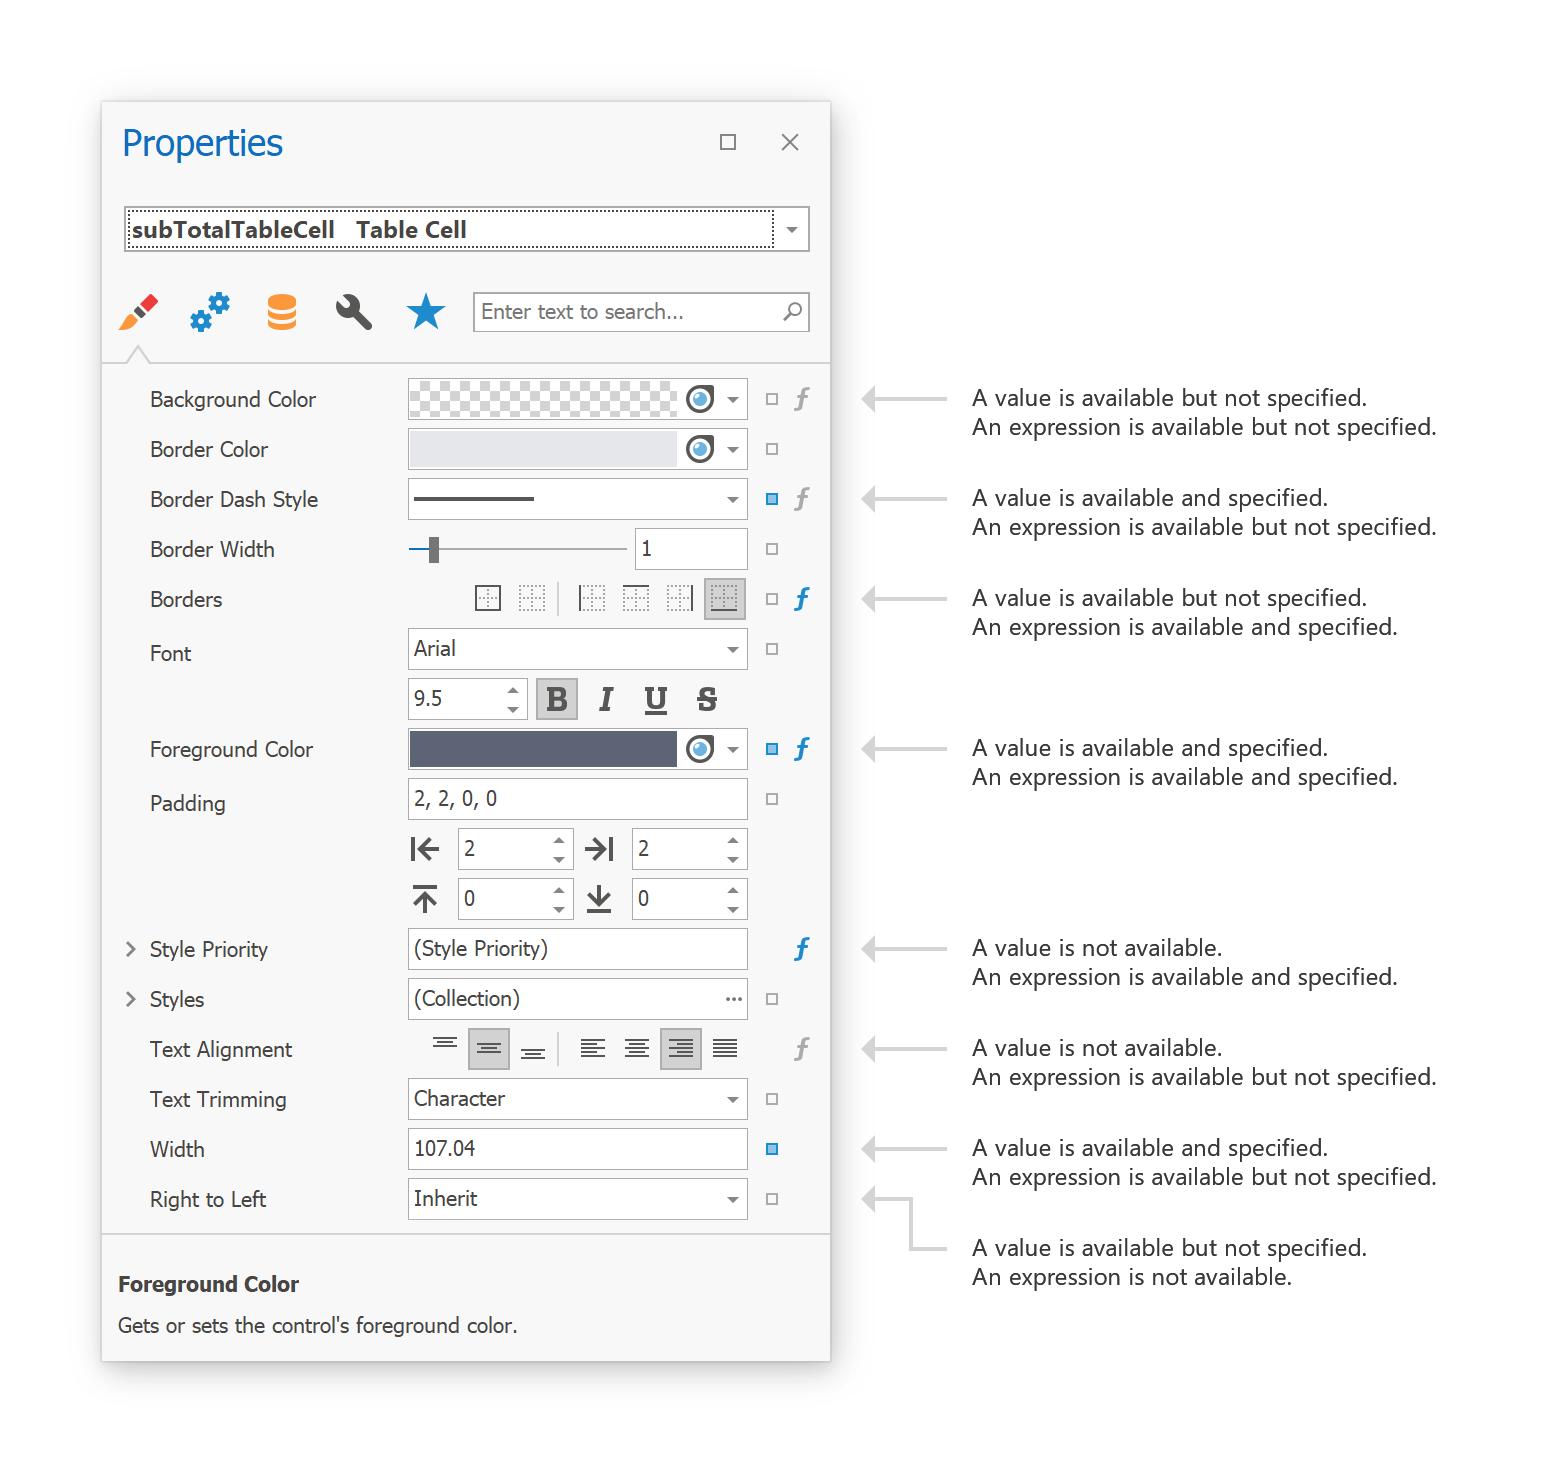 Report Designer - Updated Properties Panel